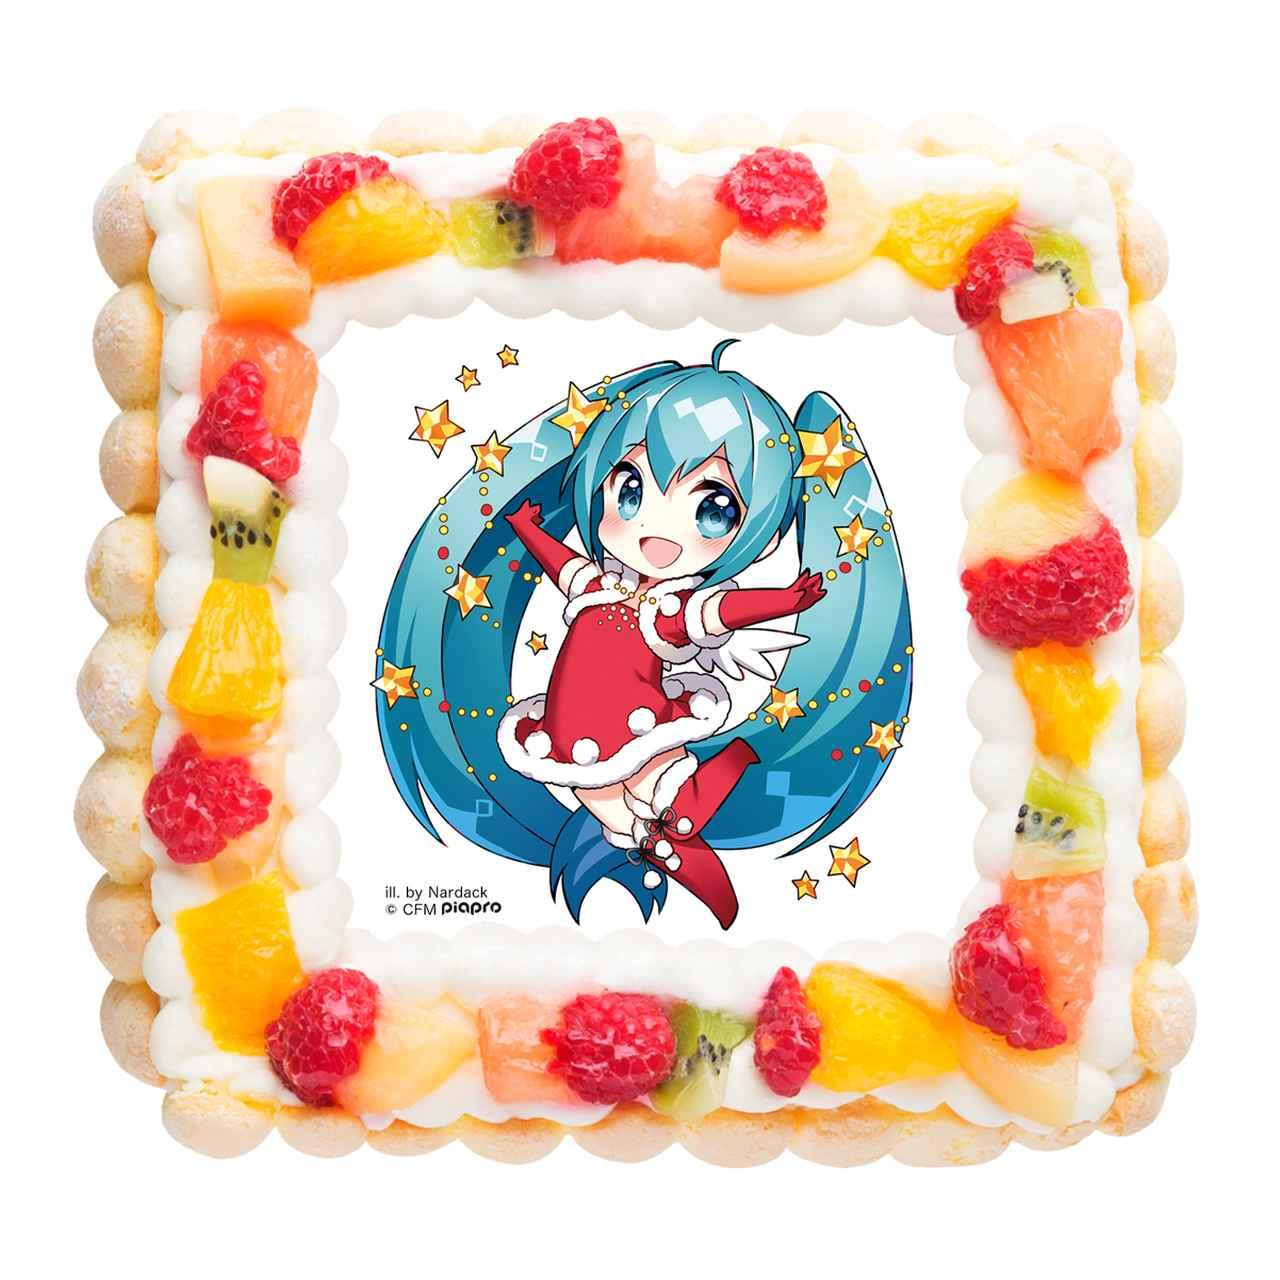 画像2: 「初音ミク」のクリスマスデザインケーキ